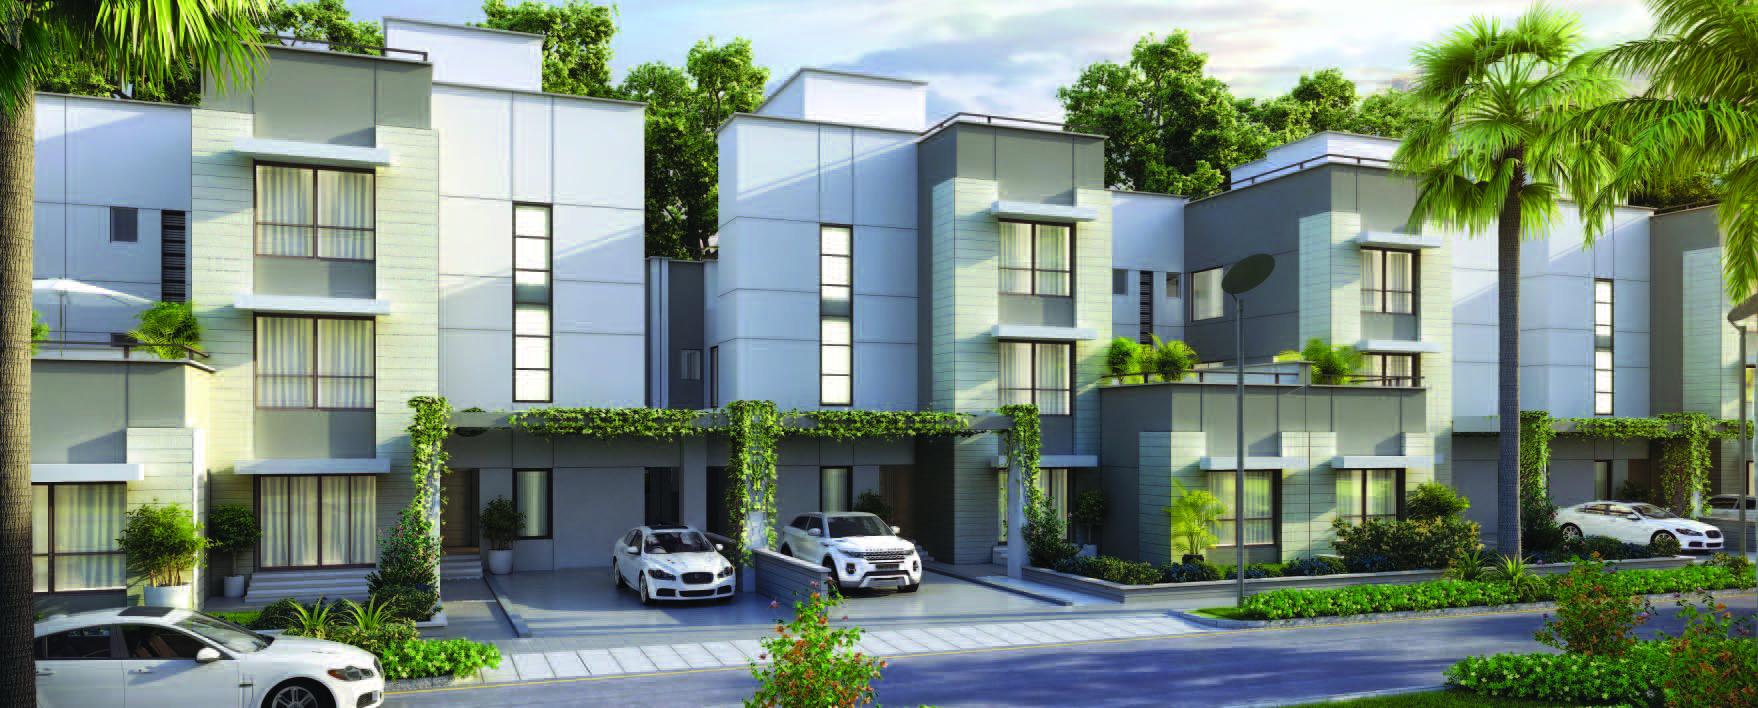 4 Bhk Villas Sobha International City Phase 1